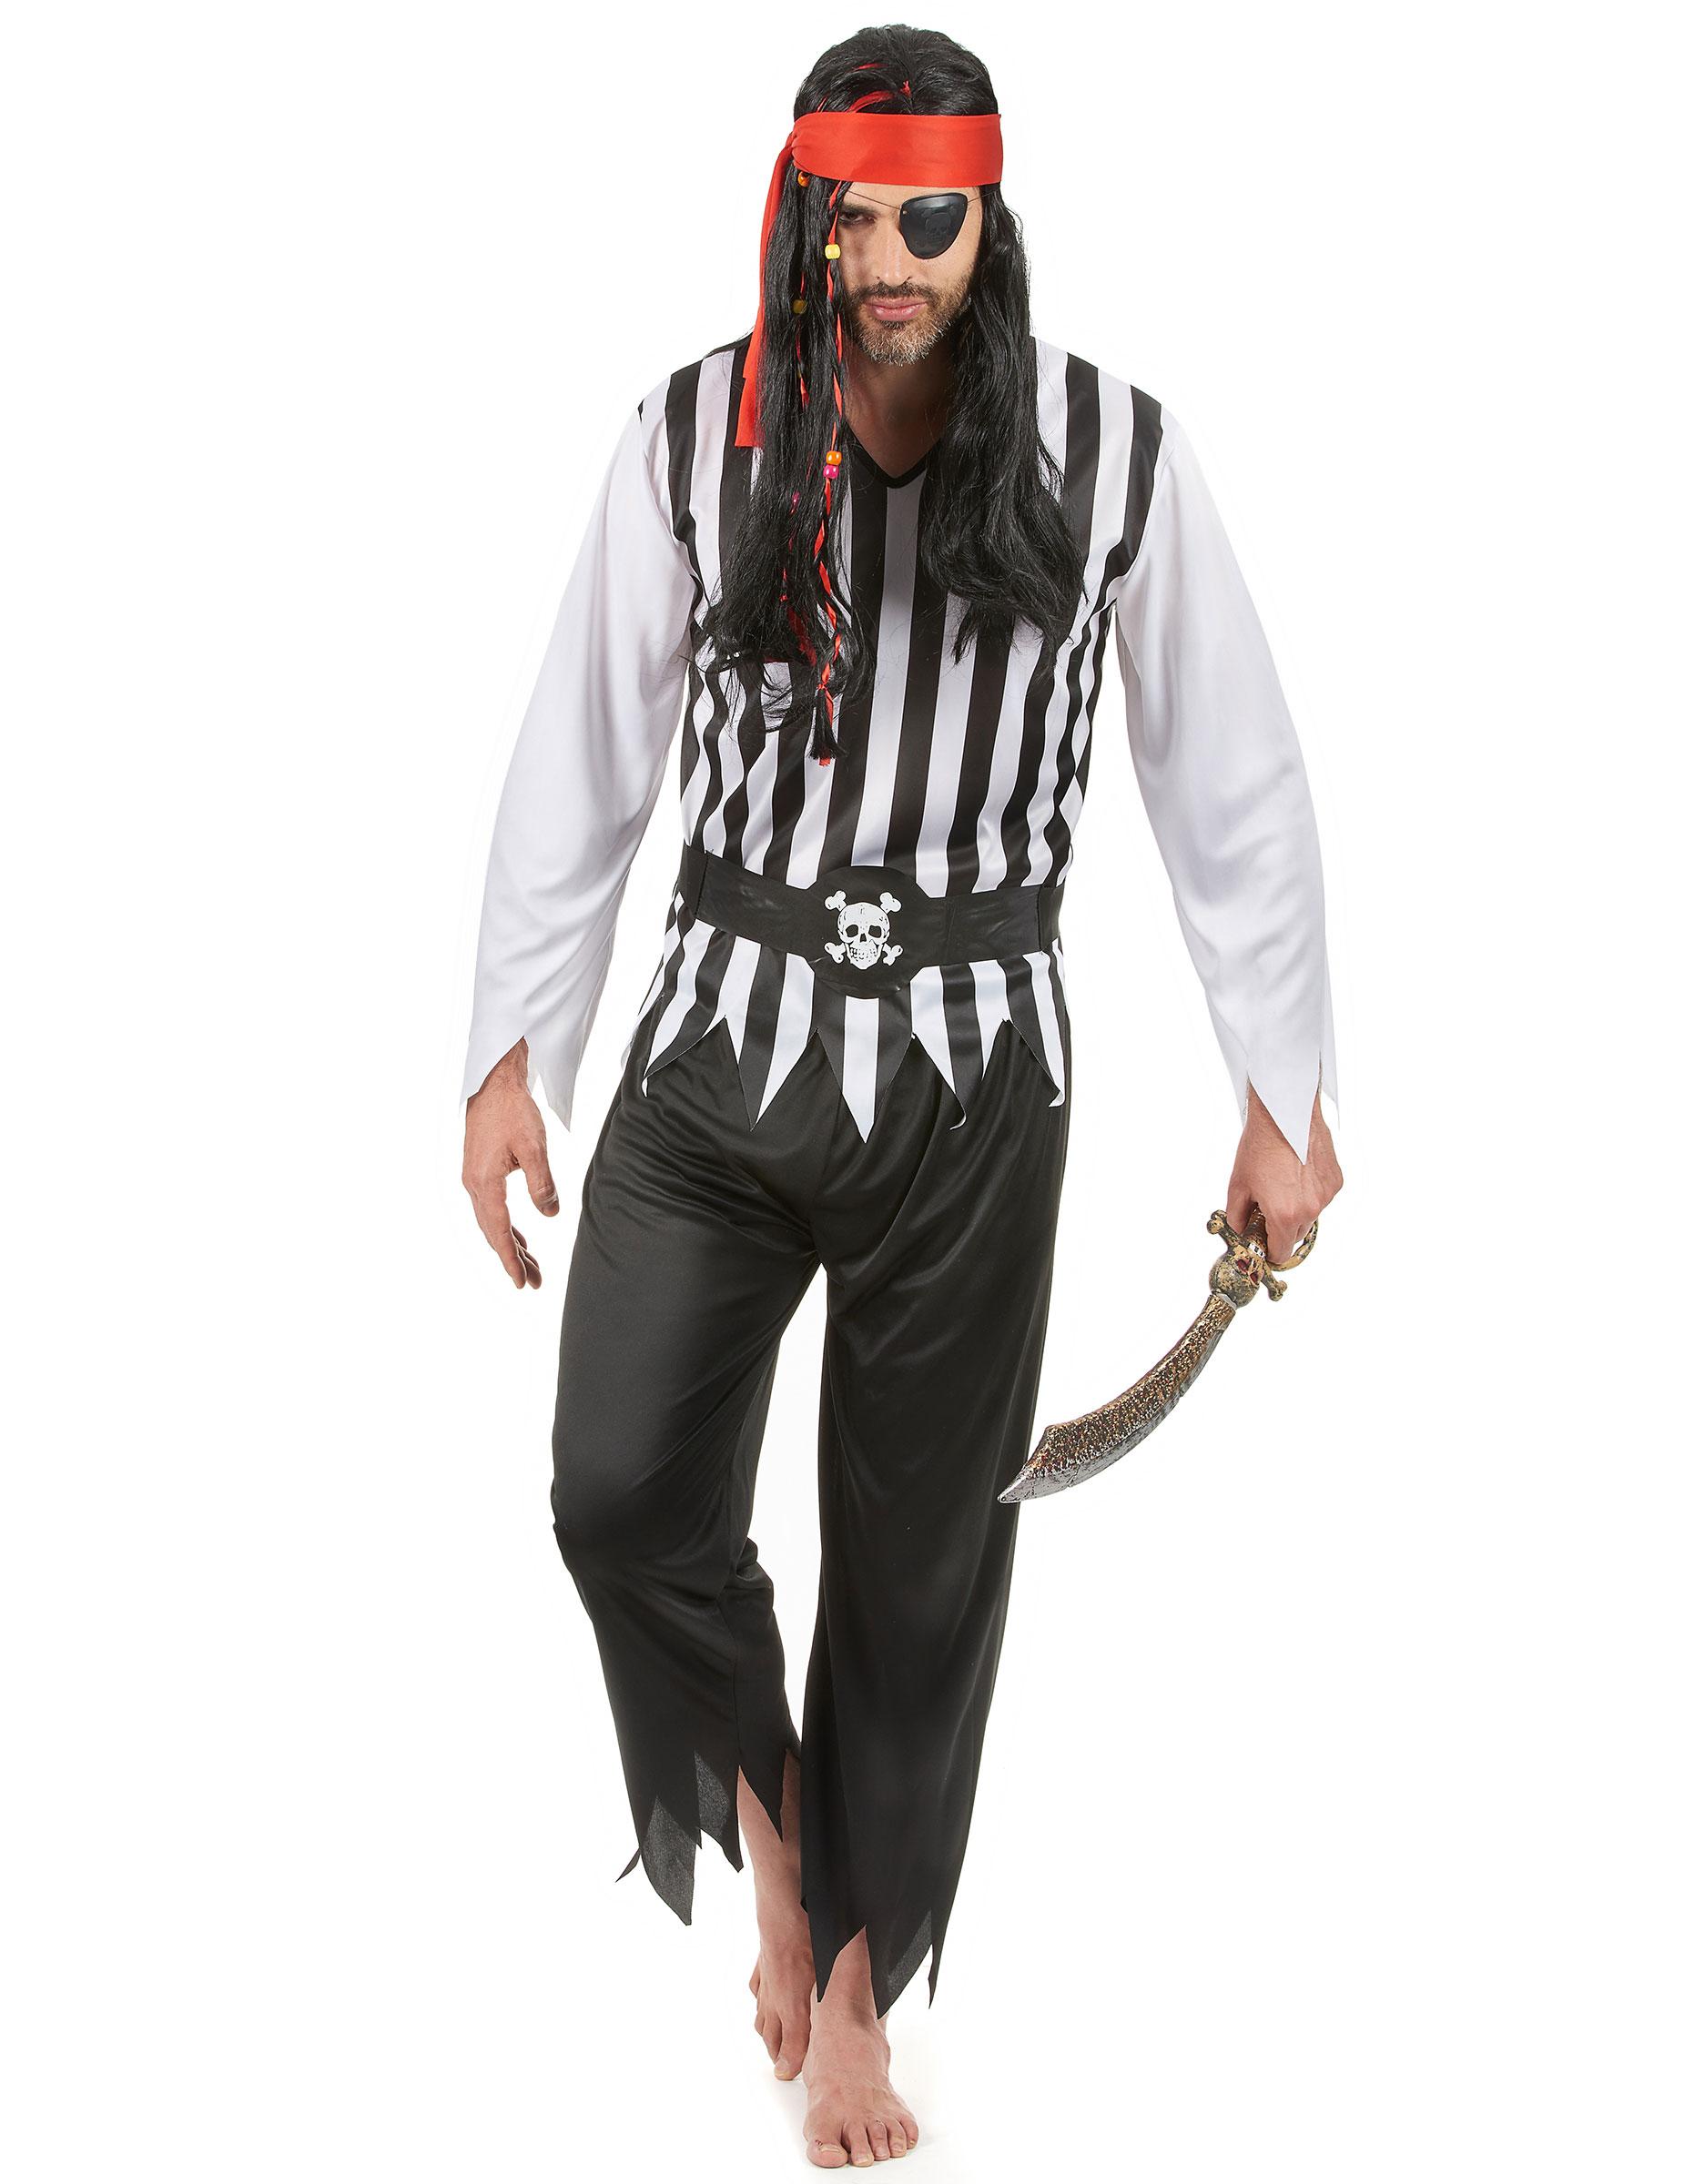 Piraten-Karnevalskostüm für Herren schwarz-weiss-rot - L 39351